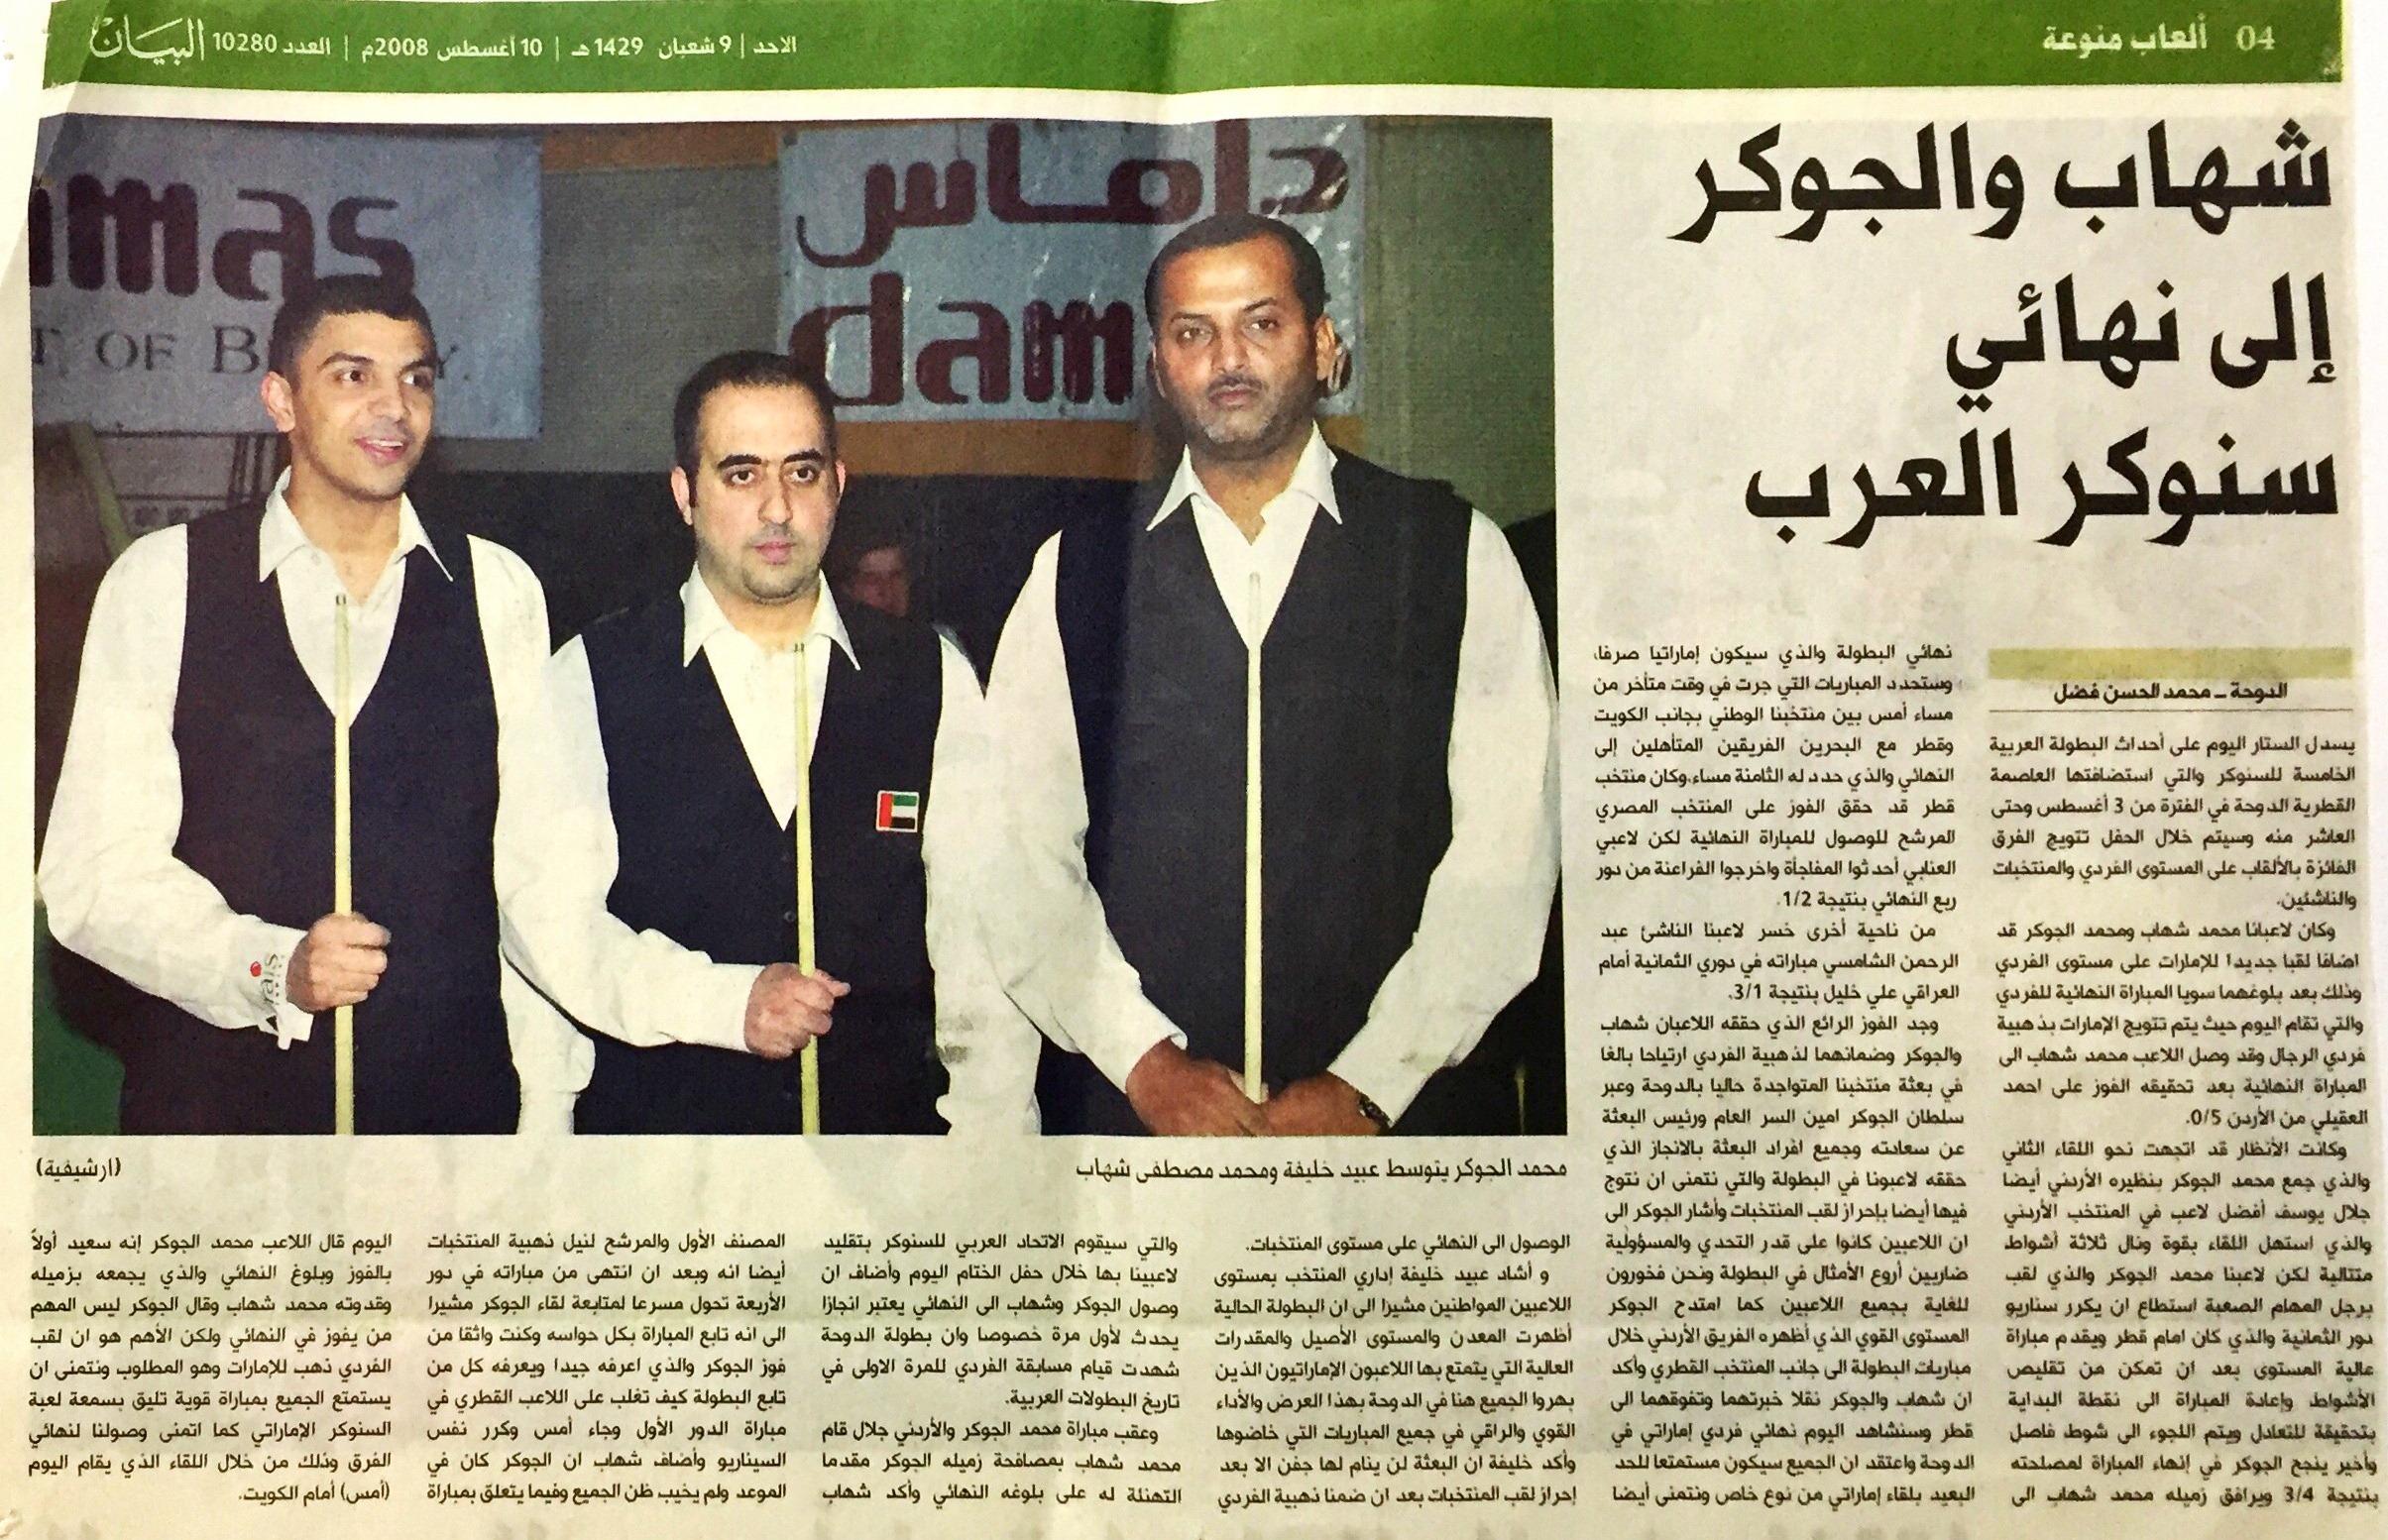 شهاب والجوكر إلى نهائي سنوكر العرب